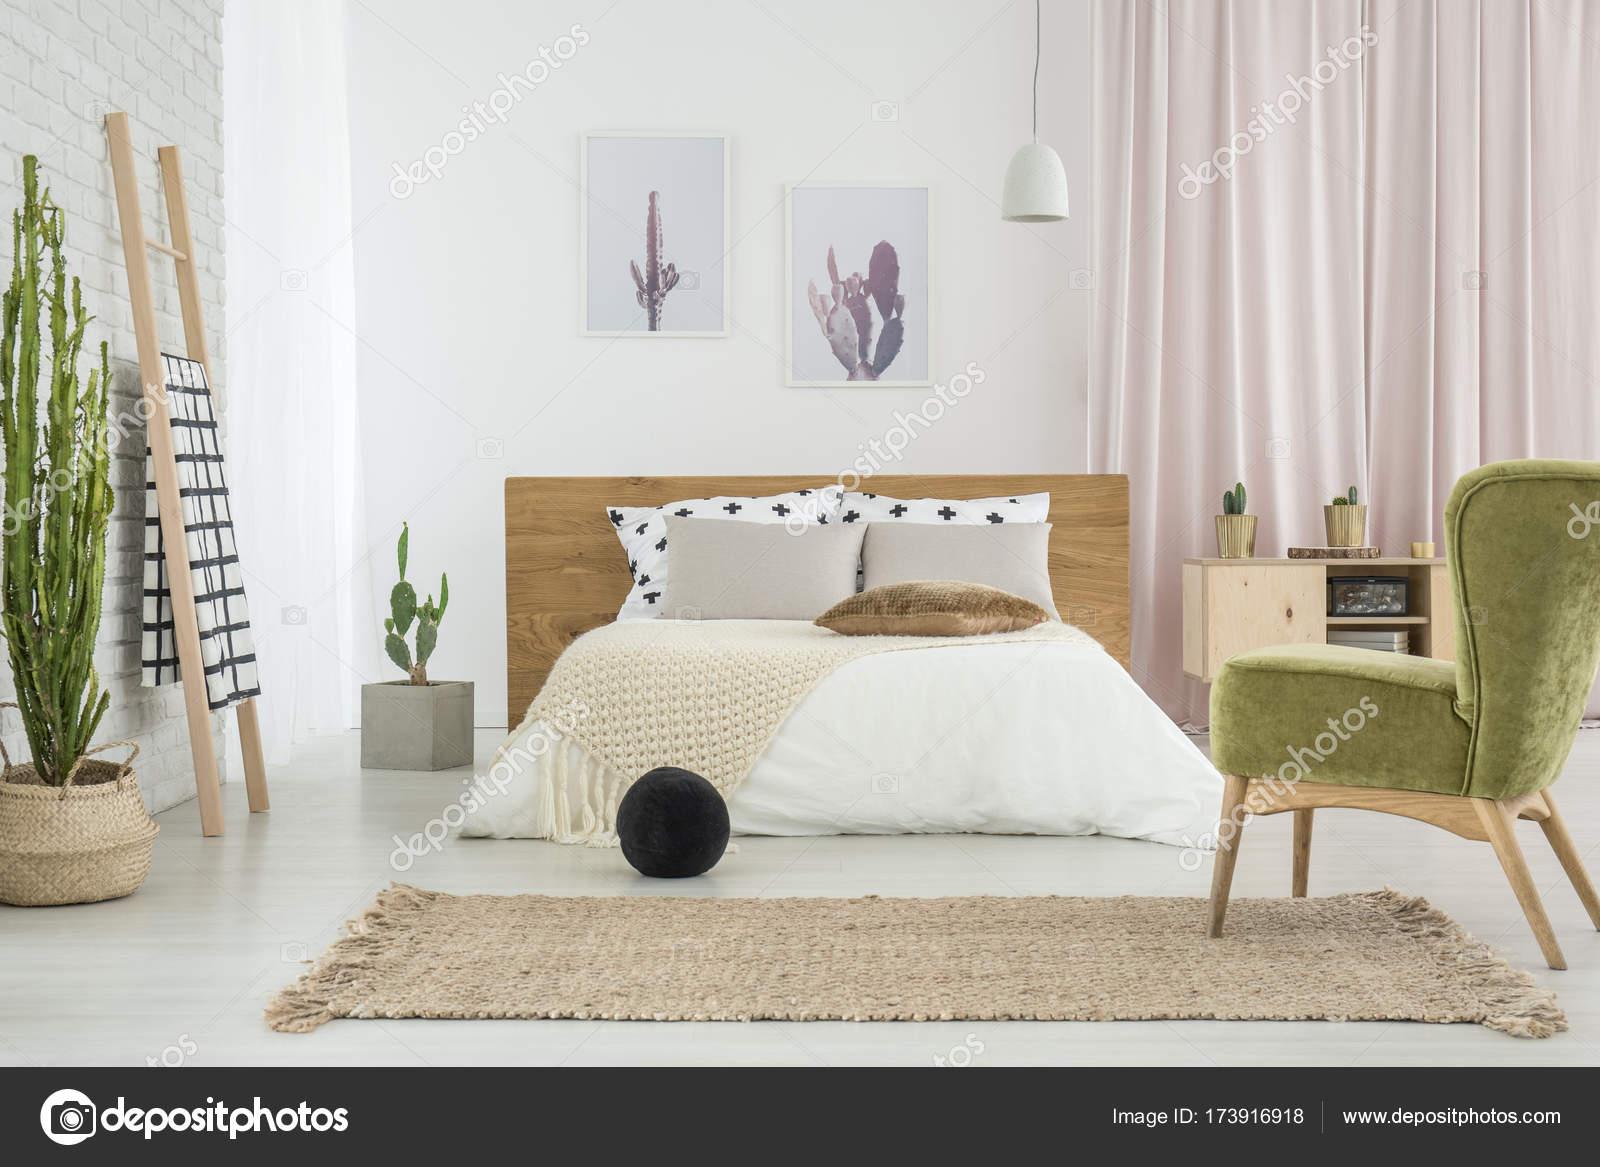 Sedia verde retrò in camera da letto — Foto Stock © photographee.eu ...